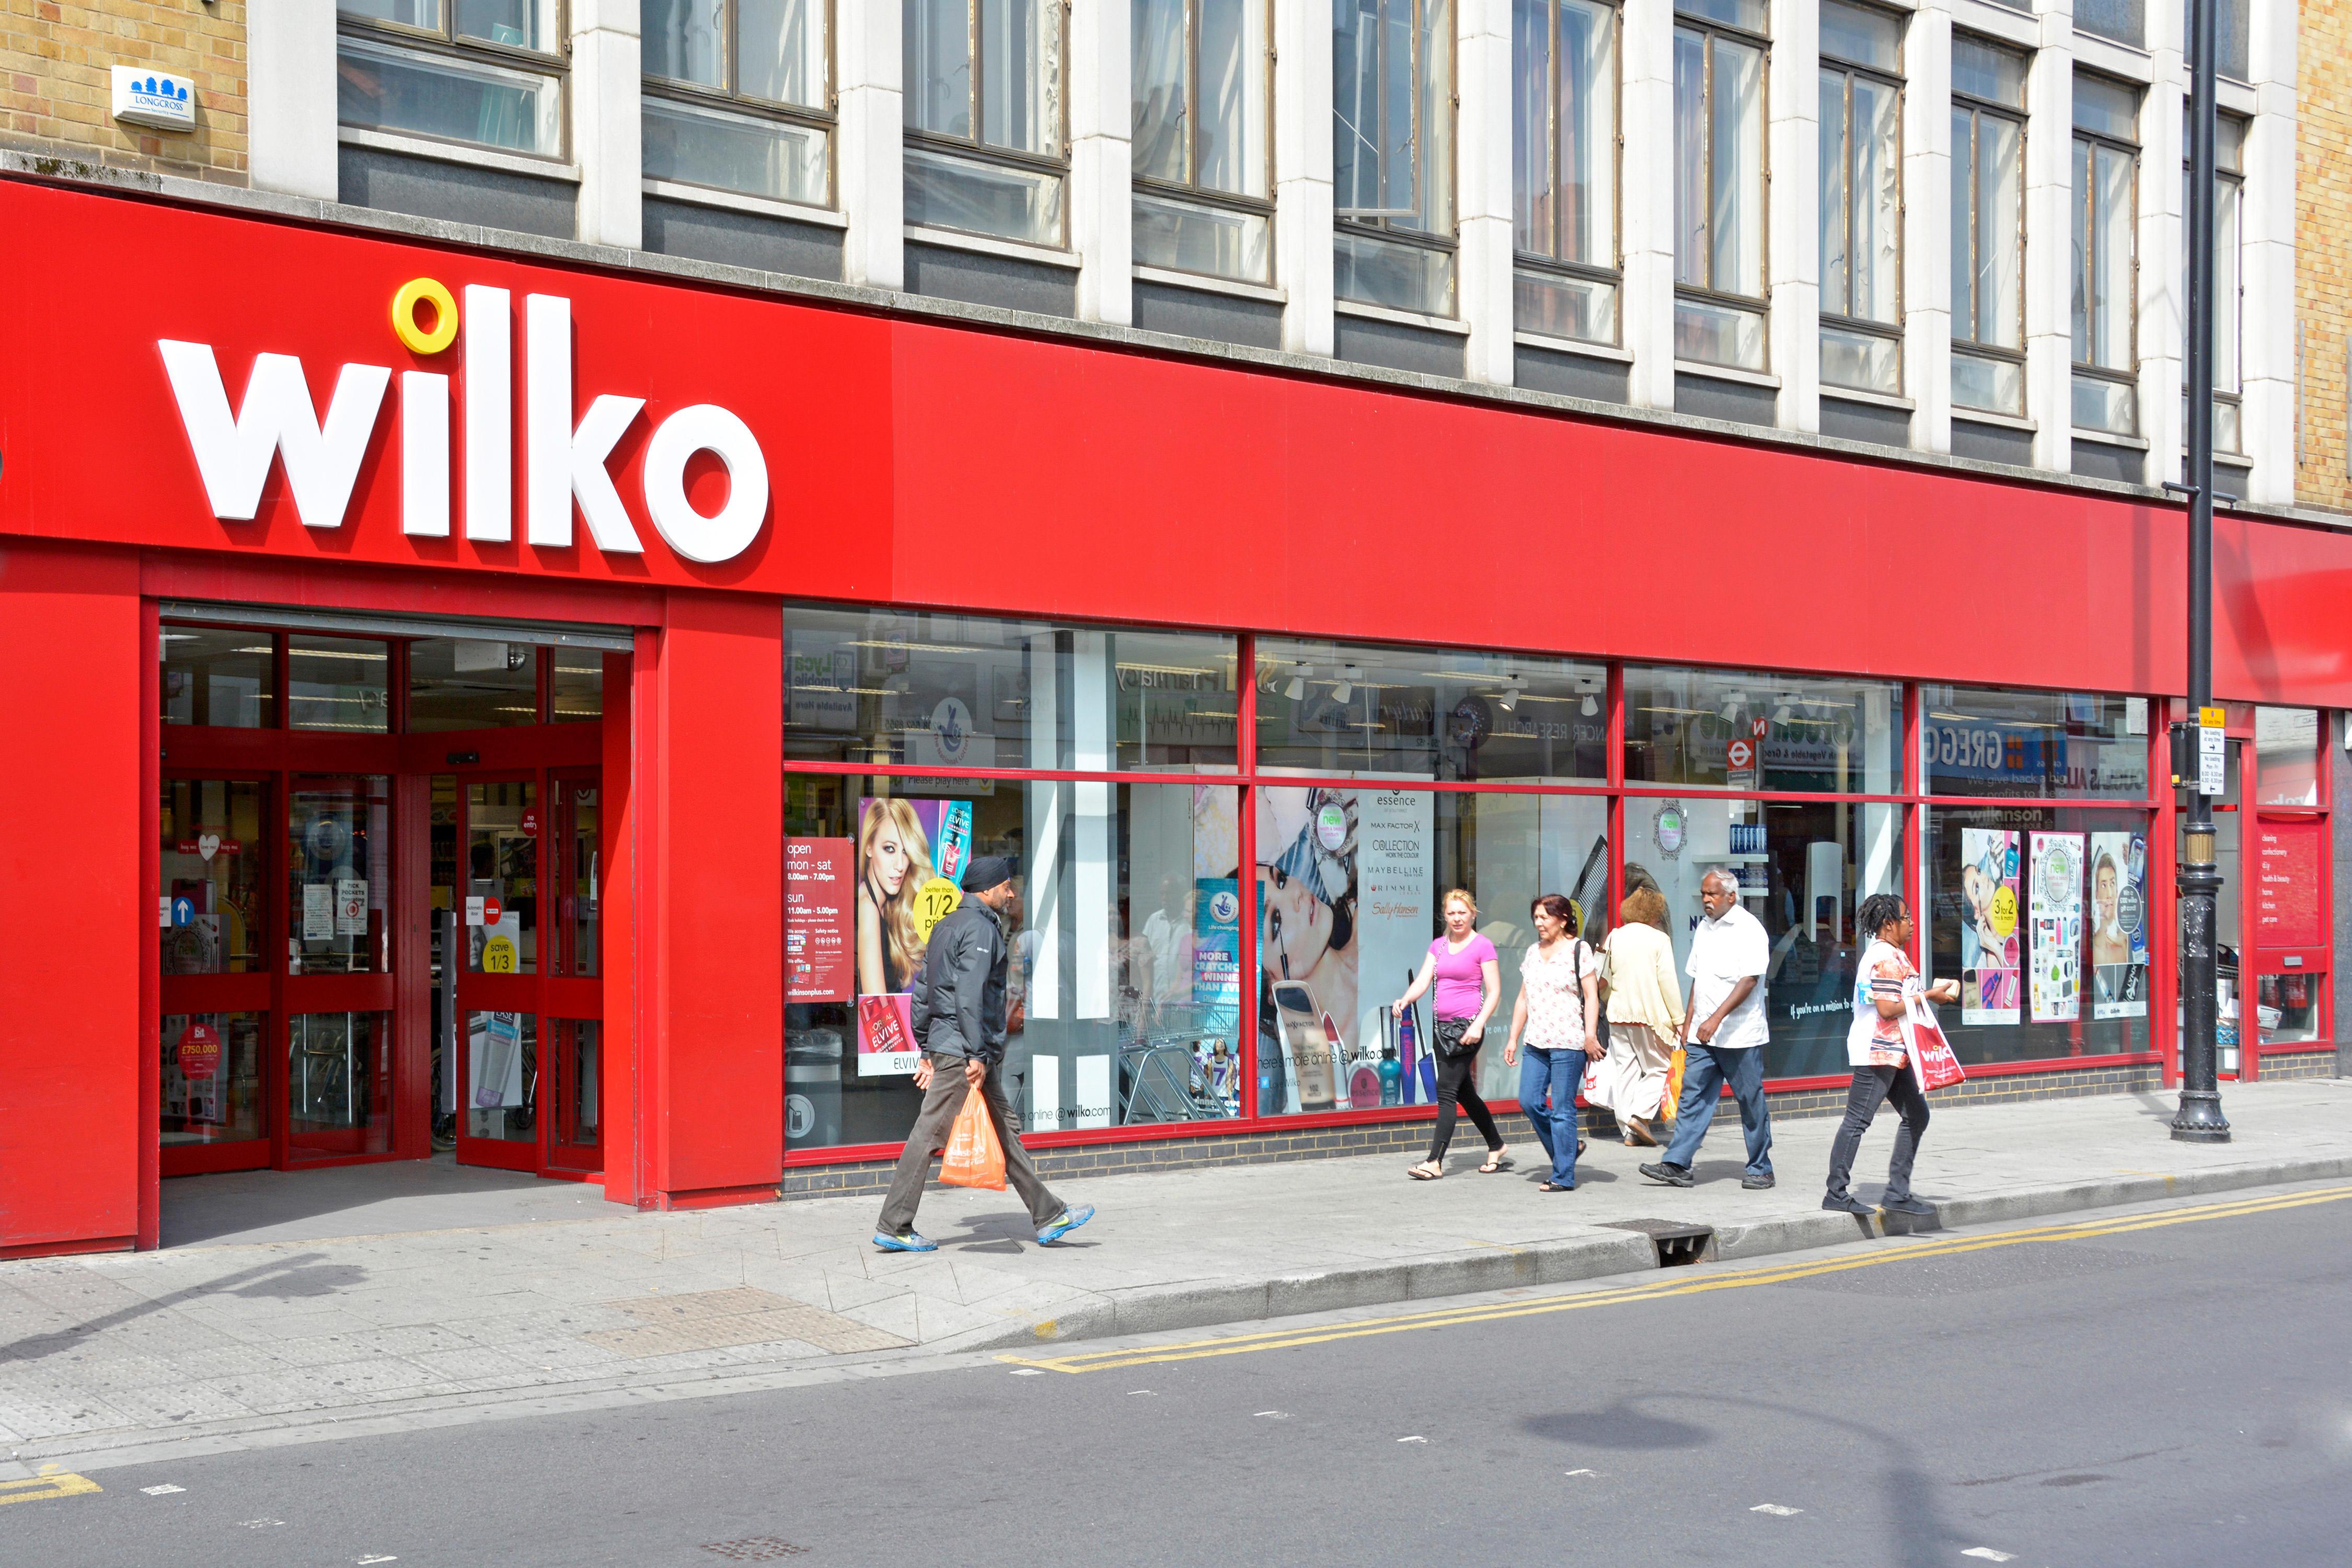 Wilko stores remain open